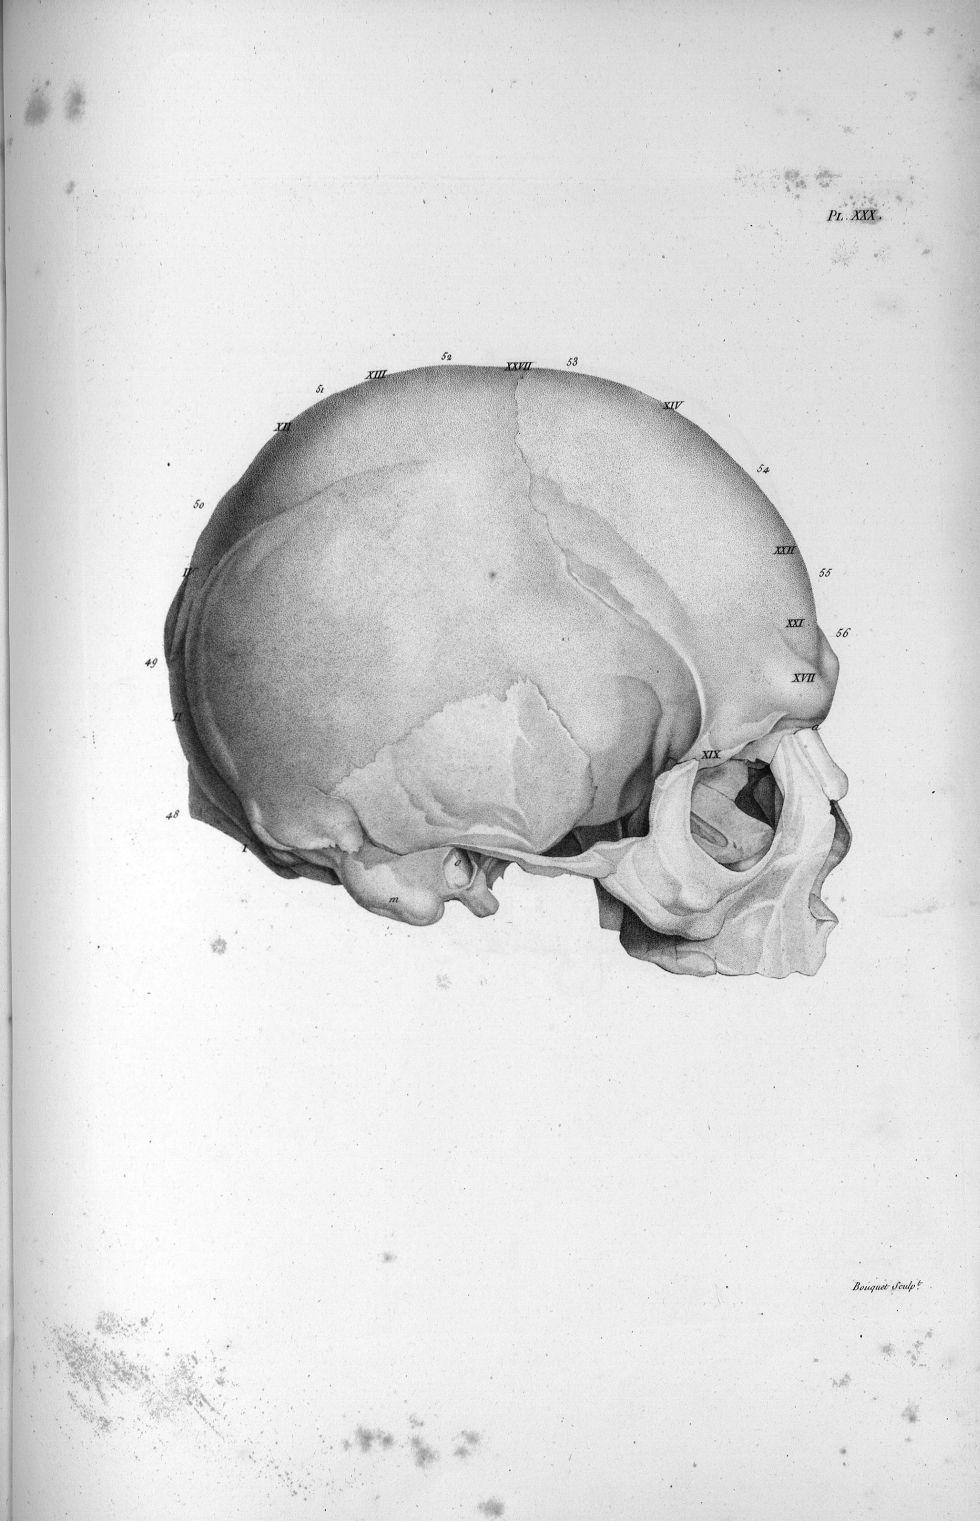 Pl. XXX. Beau crâne d'un ex-jésuite, grand prédicateur - Anatomie et physiologie du système nerveux  [...] - Anatomie. Neurologie. Crânes. Phrénologie. 19e siècle (France) - med00575x02x0355